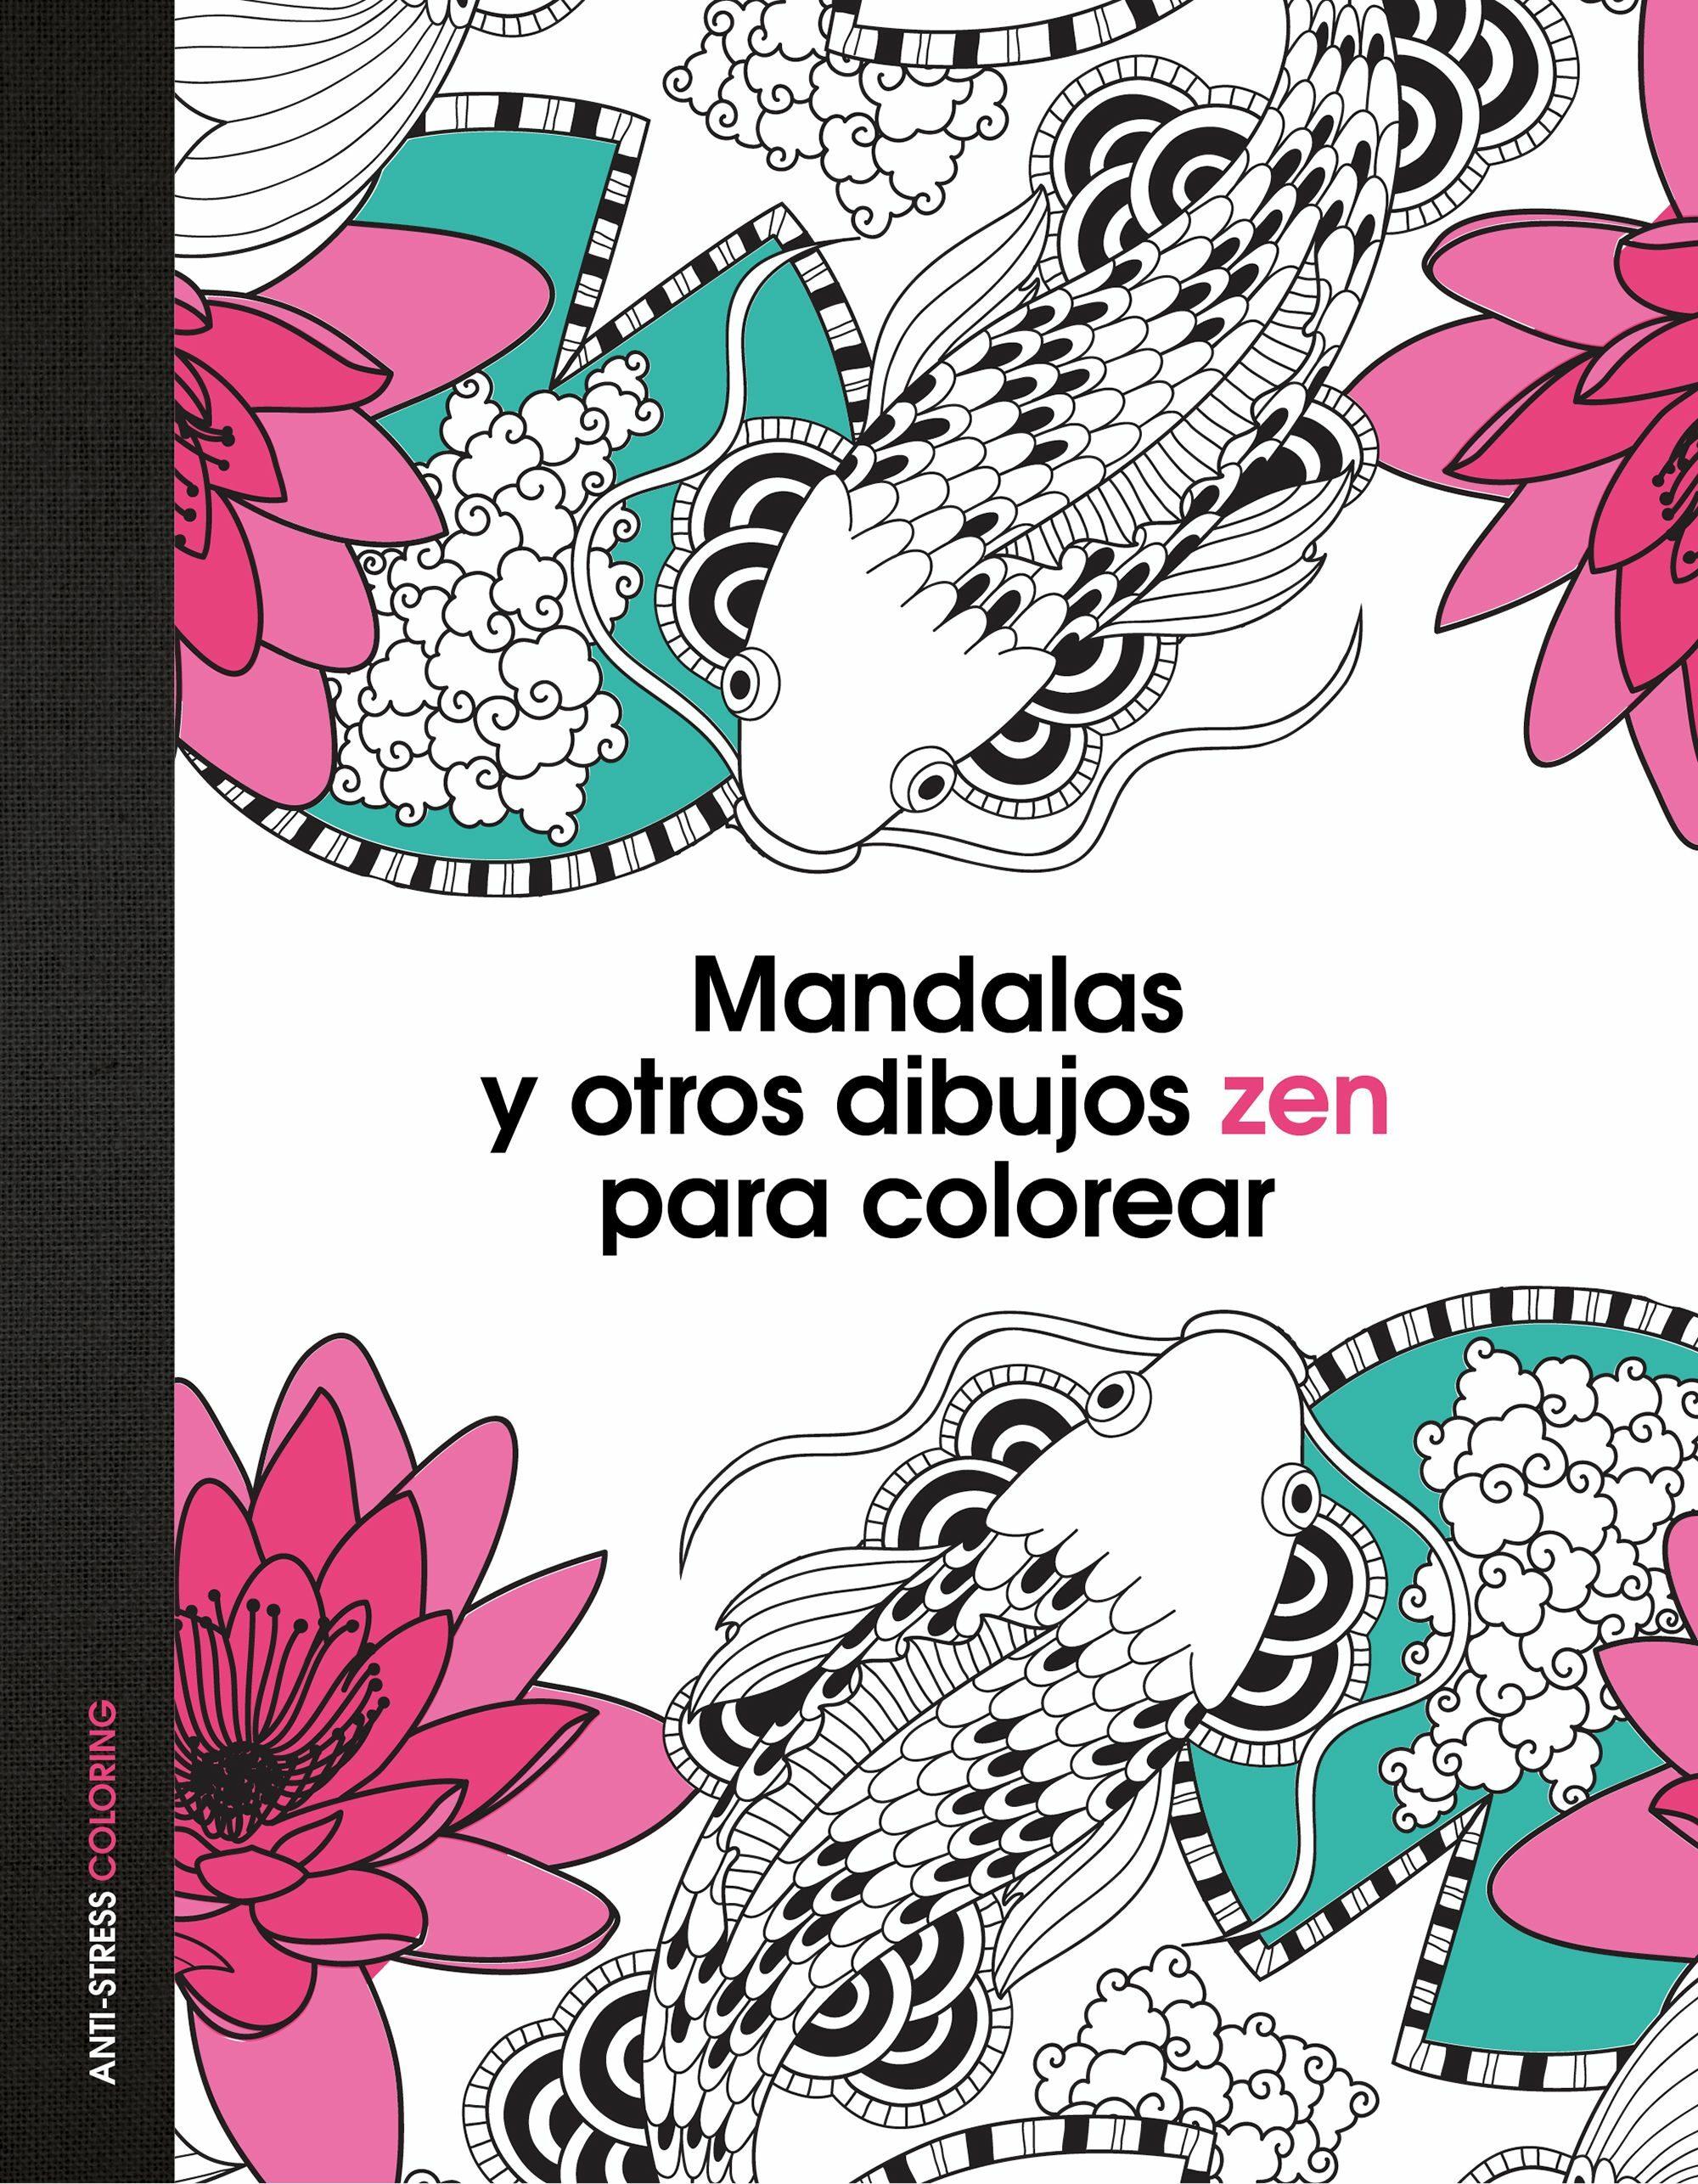 MANDALAS Y OTROS DIBUJOS ZEN PARA COLOREAR | VV.AA. | Comprar libro ...